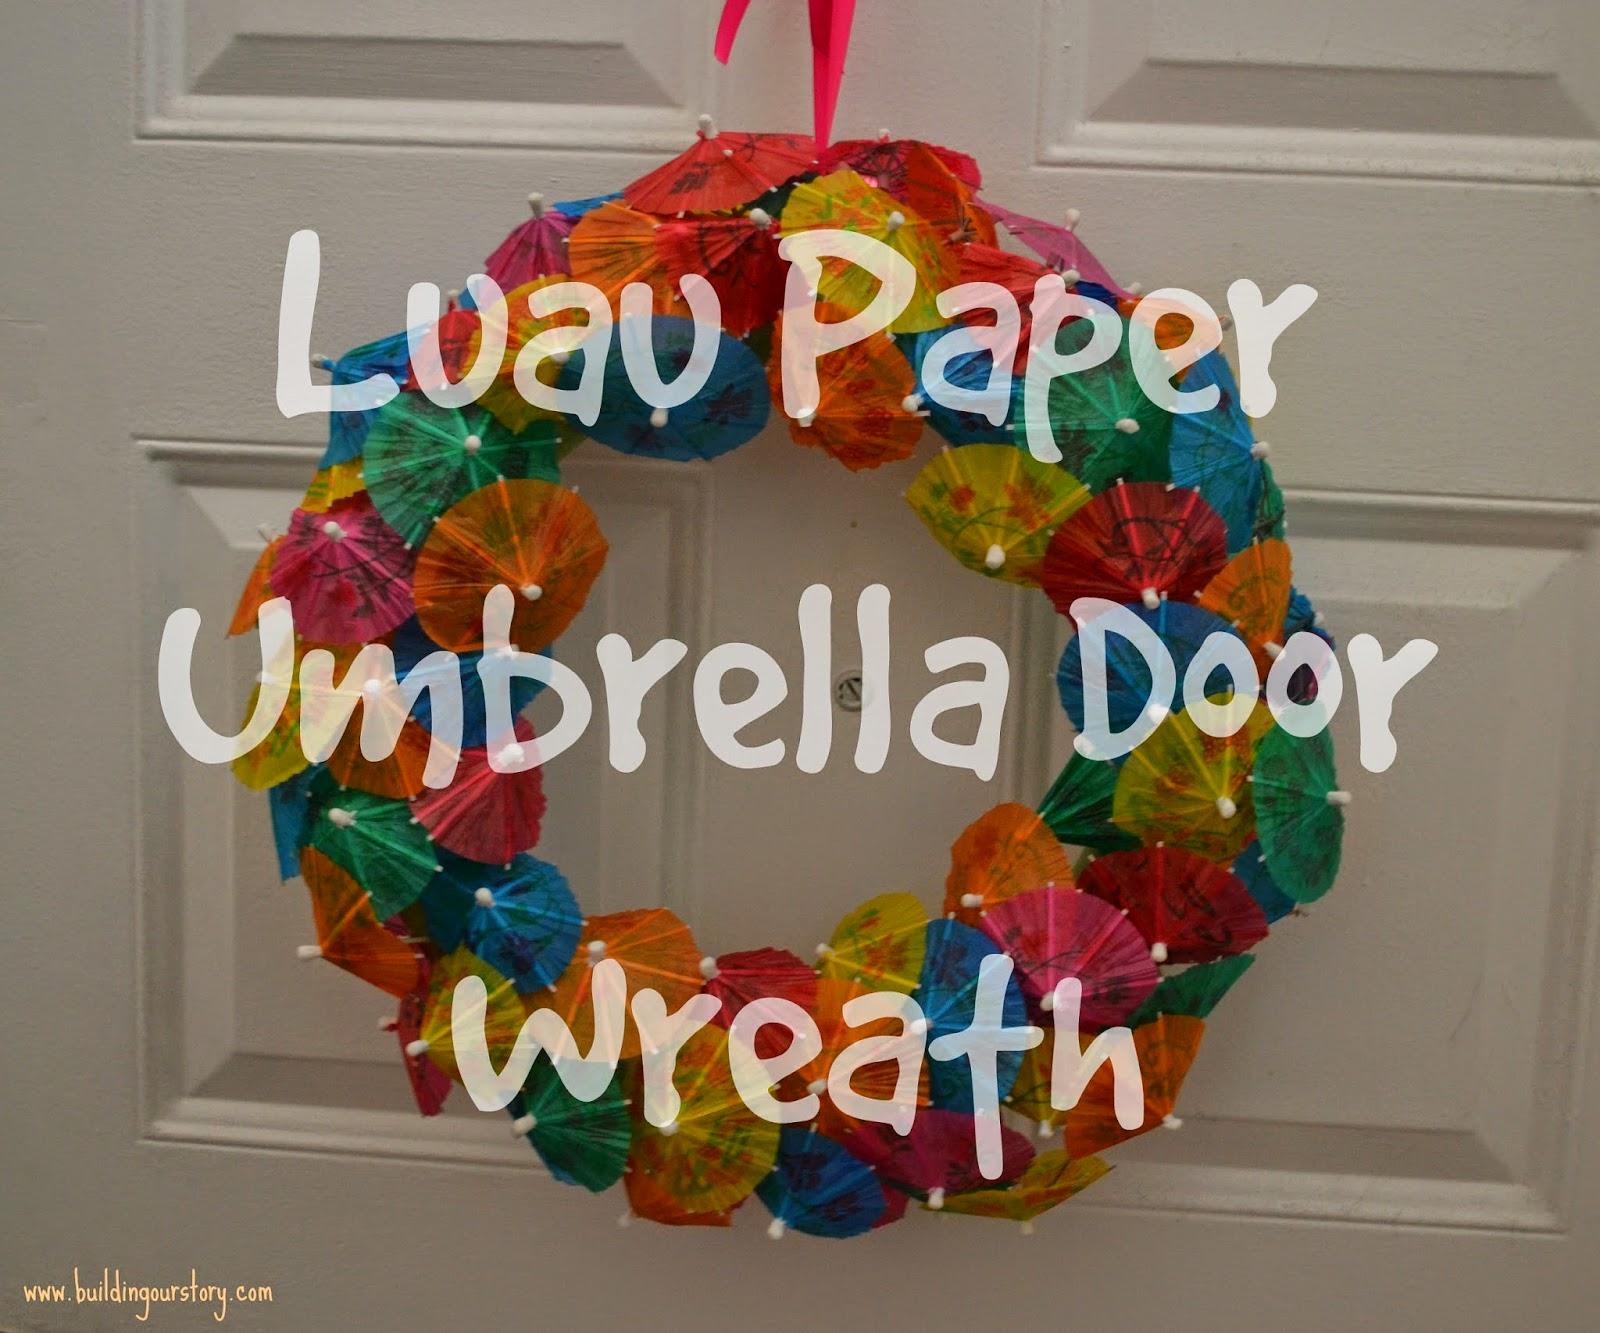 Paper Umbrella Luau Door Wreath #DIY.  Summertime Door Wreaths.  Umbrella Door Wreath.  Luau Decorations